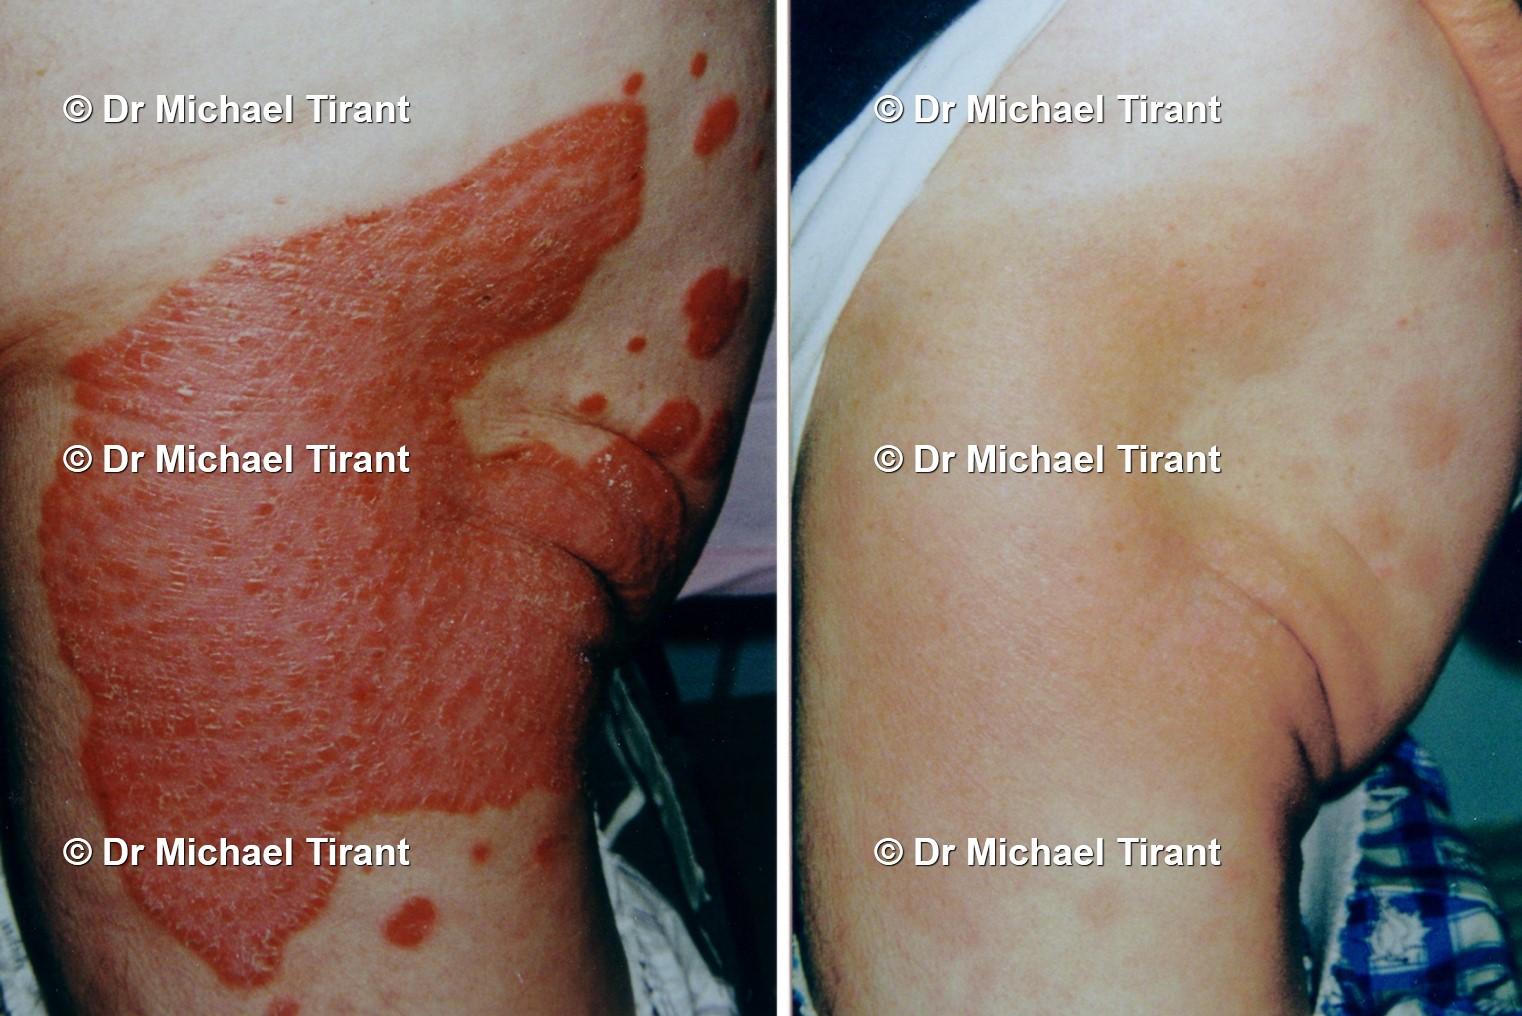 Nhà khoa học Úc chữa lành bệnh vẩy nến bằng thảo dược. Các Bác sĩ ngạc nhiên! 3